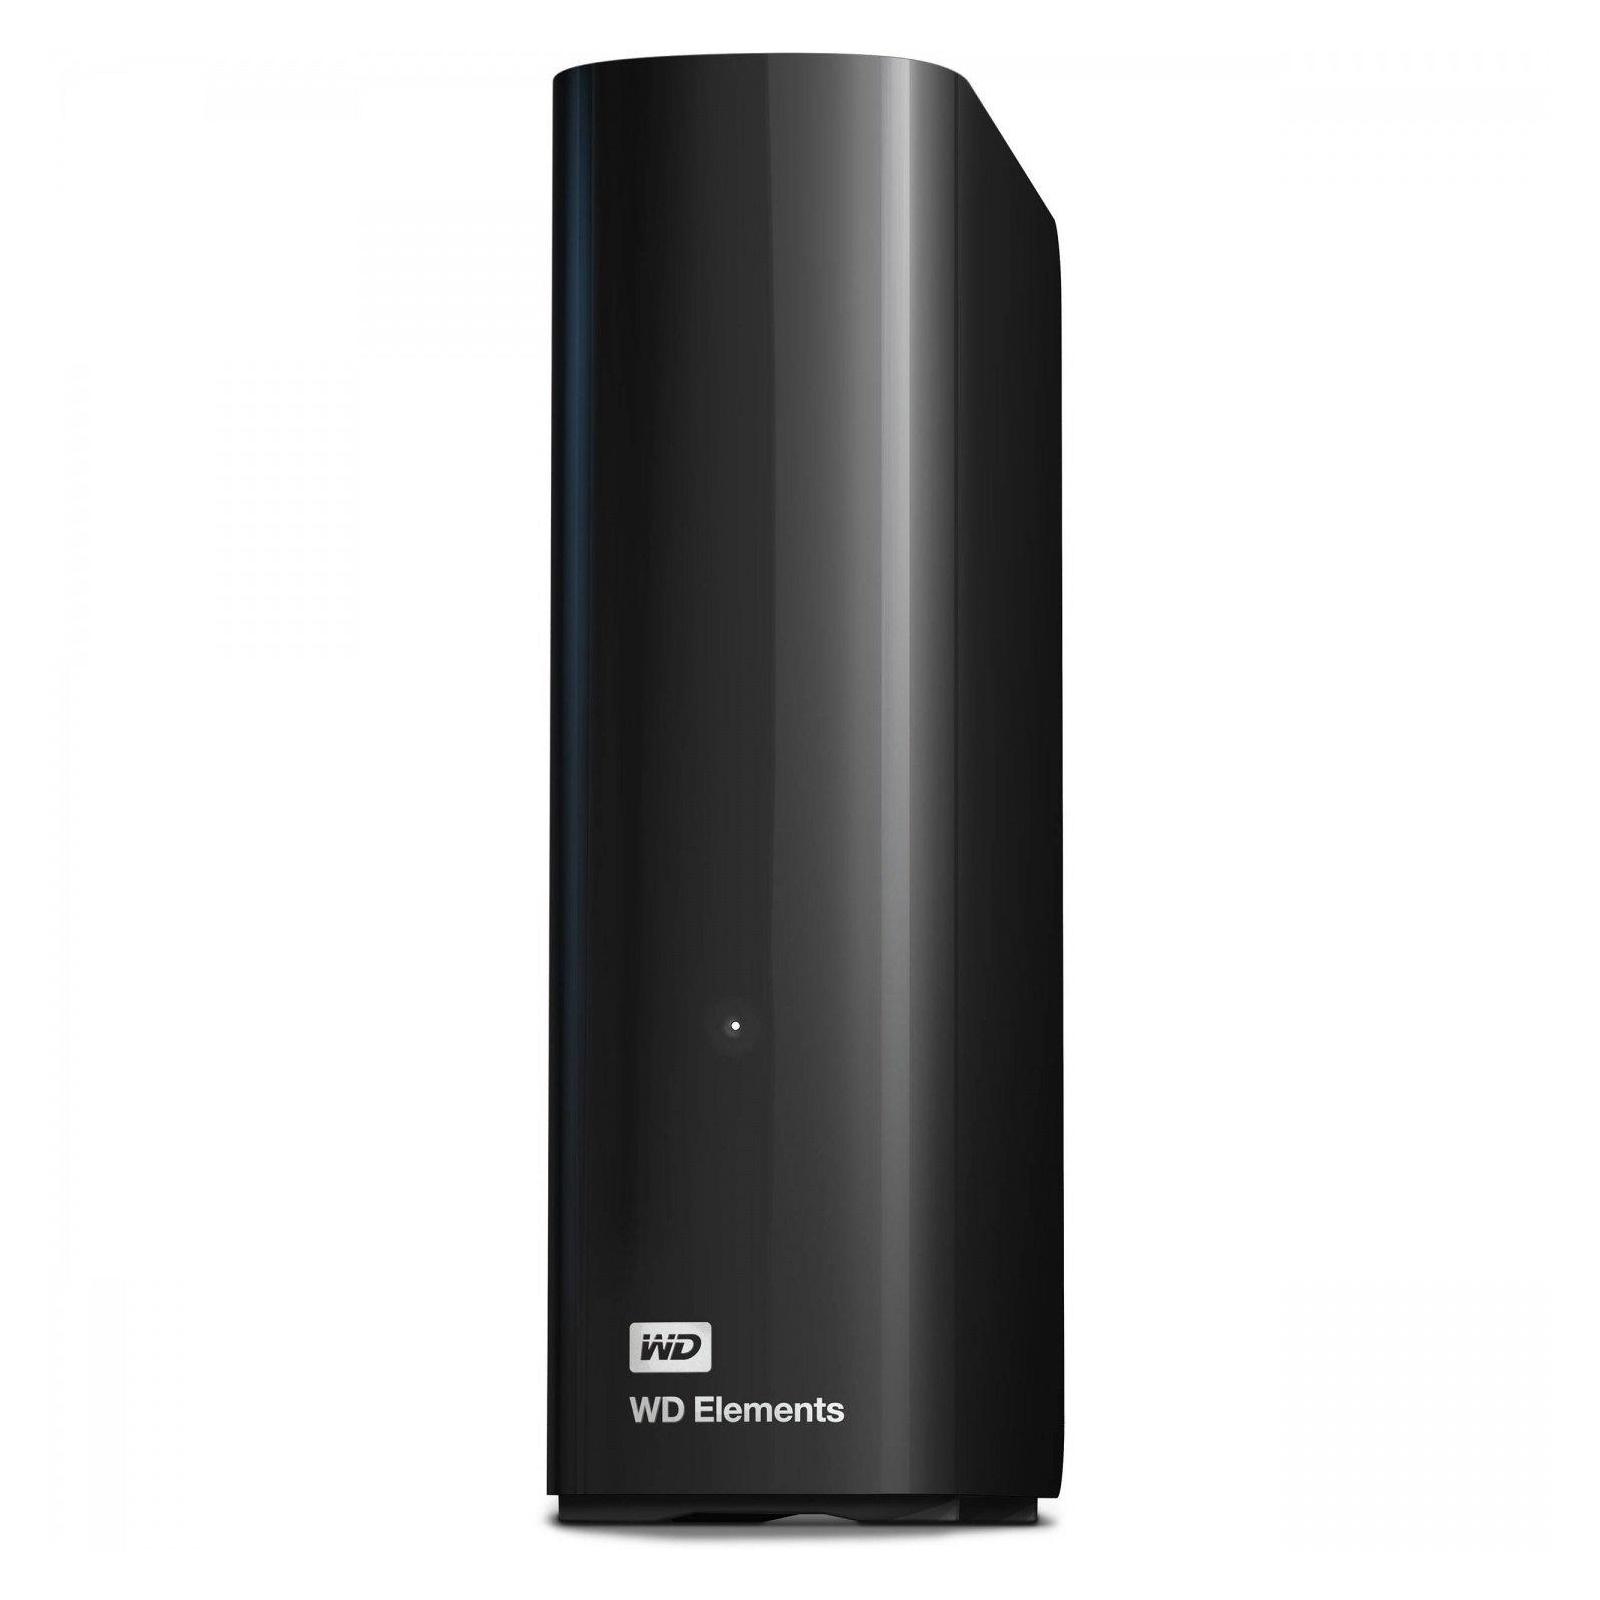 """Внешний жесткий диск 3.5"""" 8TB Western Digital (WDBWLG0080HBK-EESN) изображение 5"""